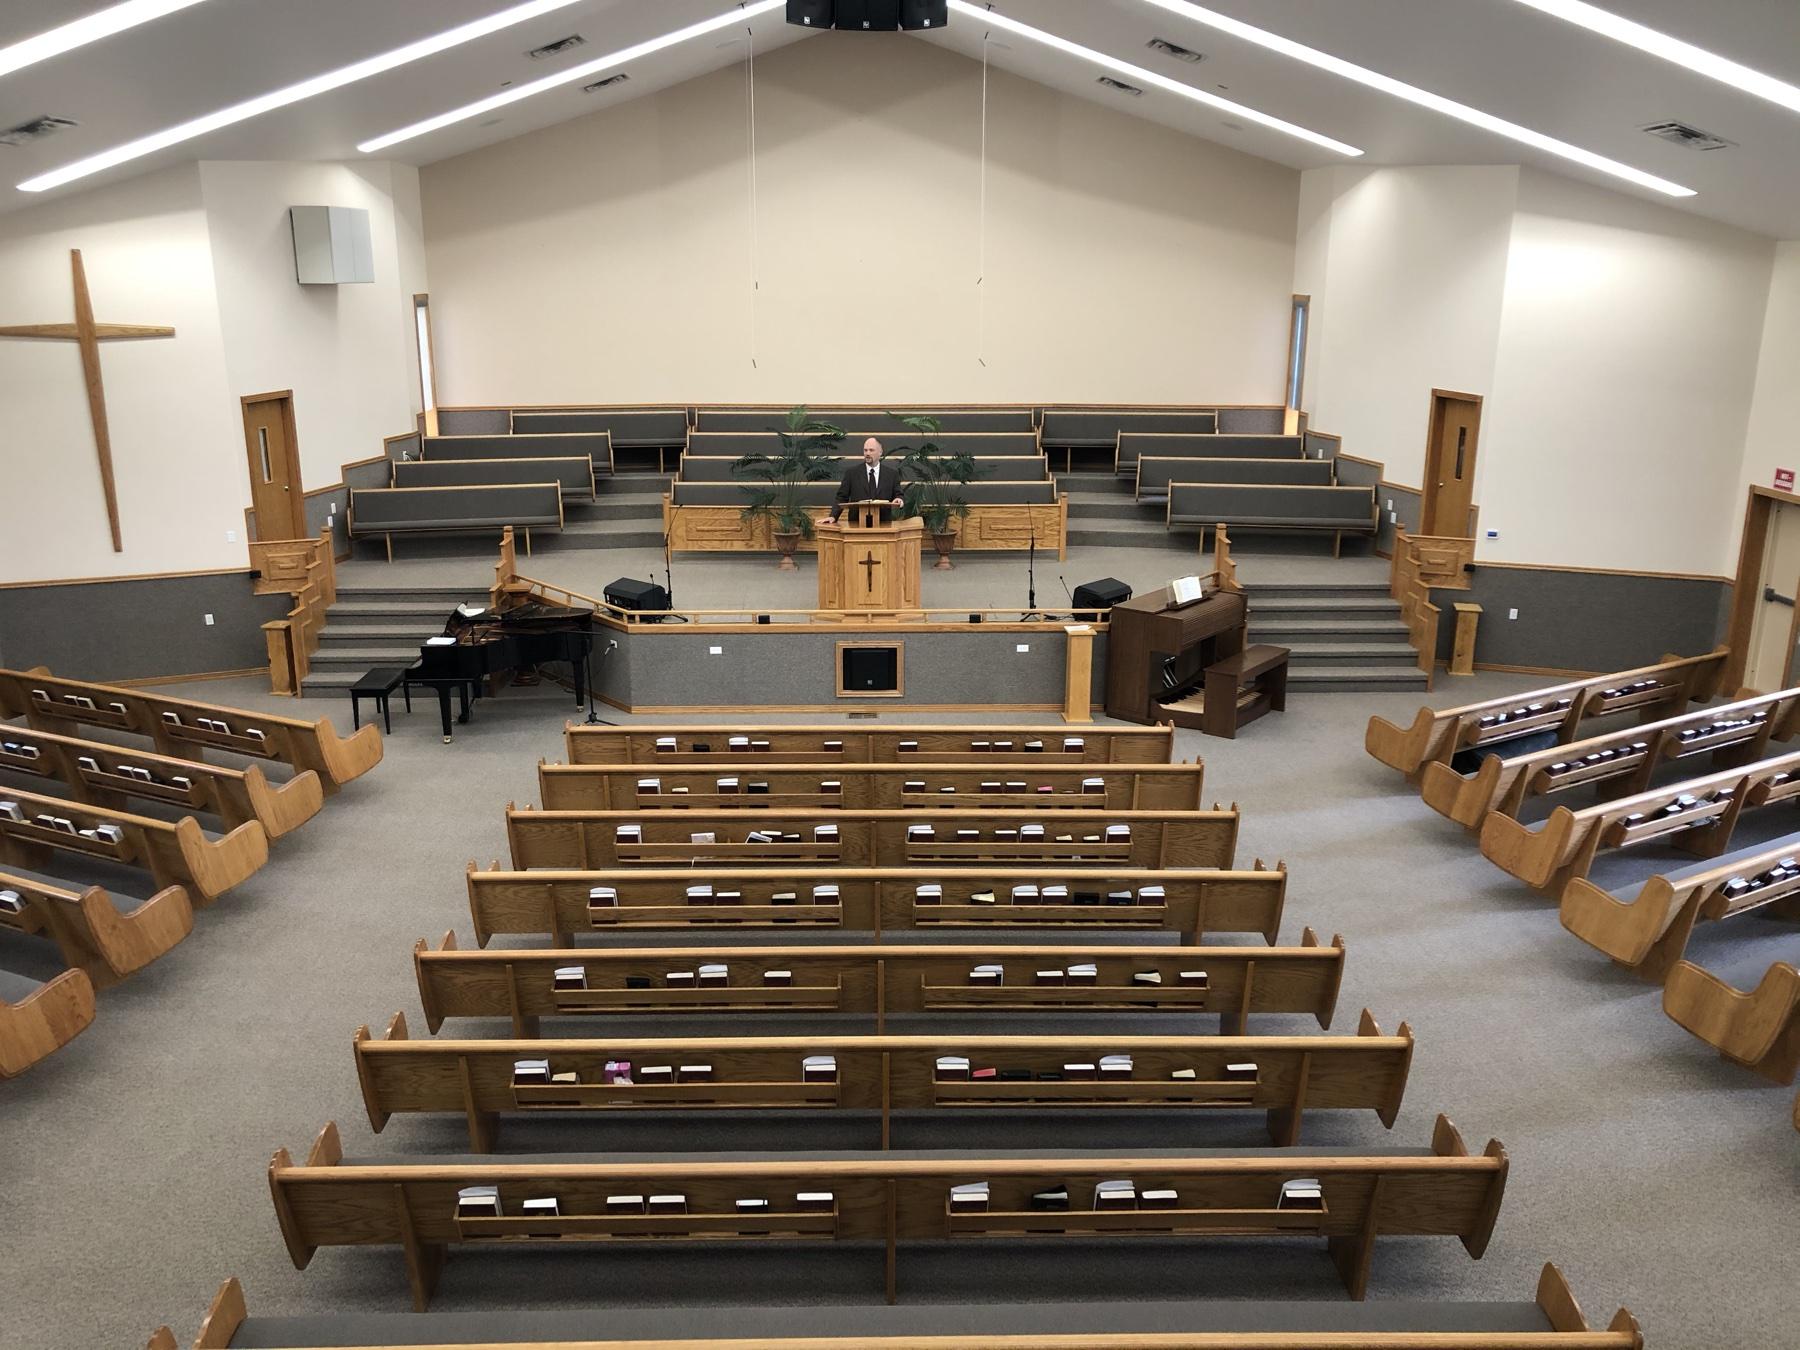 Predigt in einer leeren Kirche 1